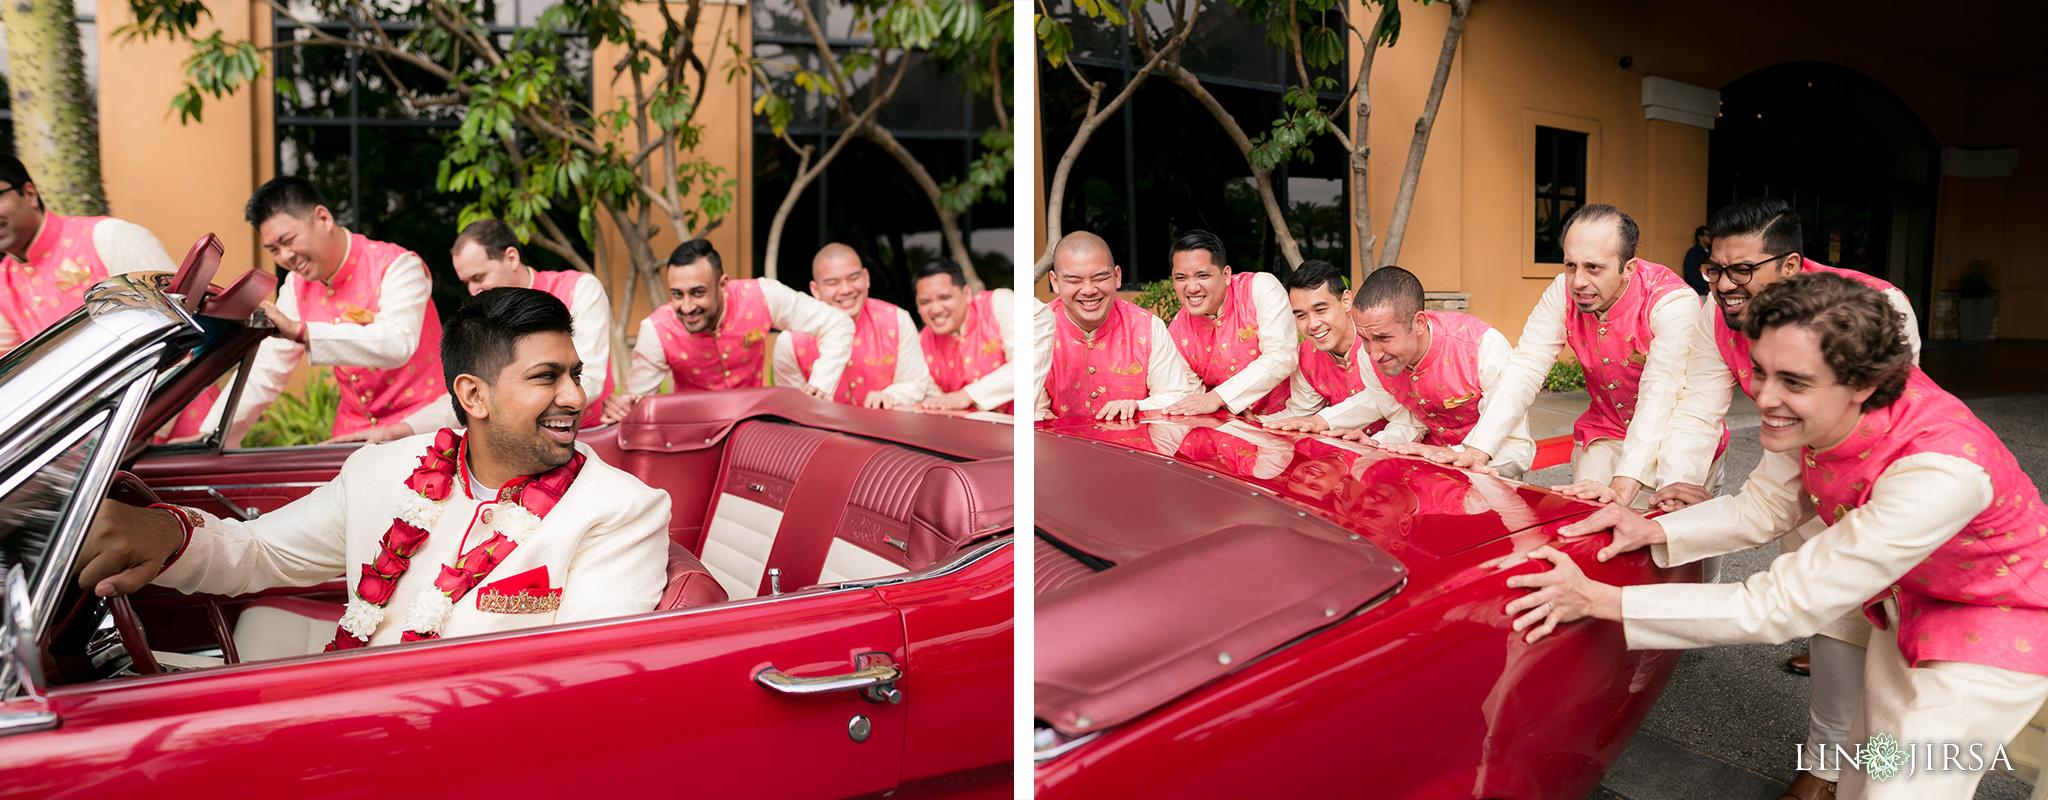 07 Wyndham Anaheim Garden Grove Wedding Photography